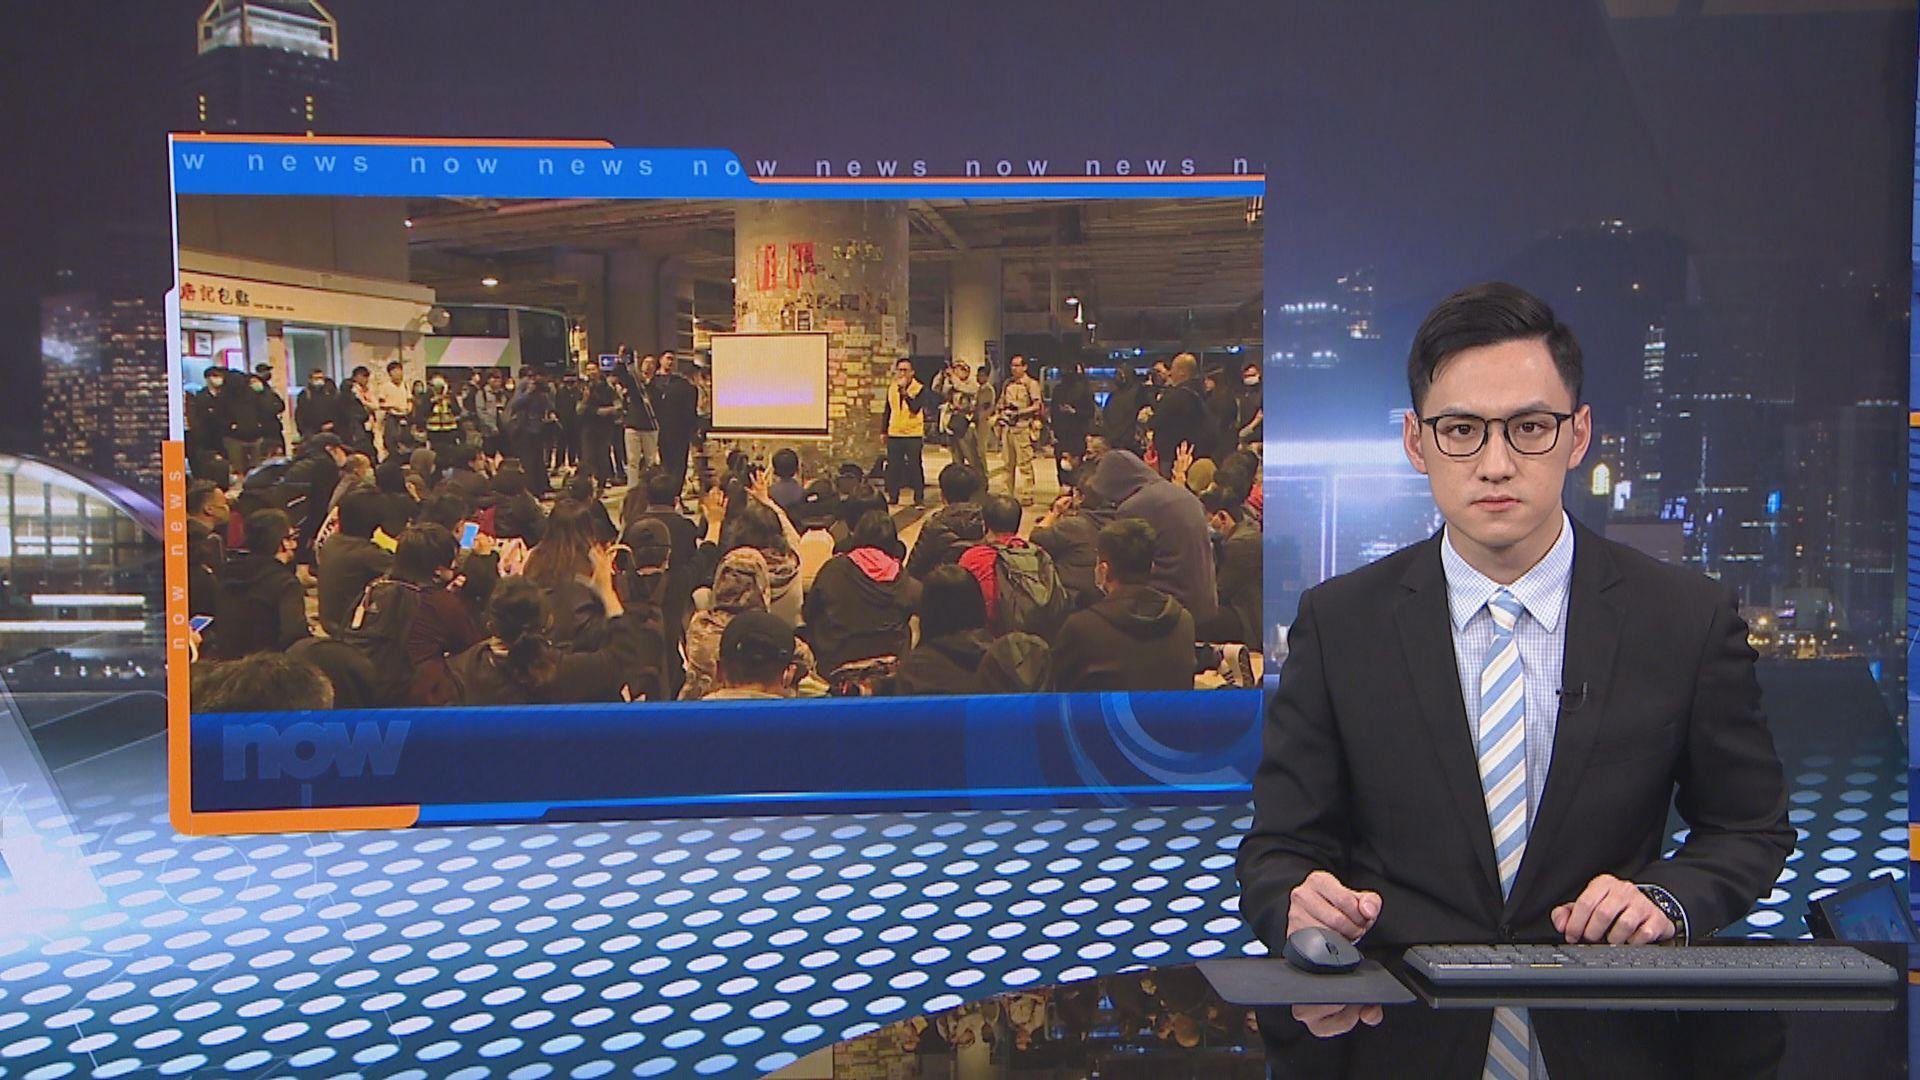 721元朗襲擊半周年 民主派元朗區議員舉行放映會